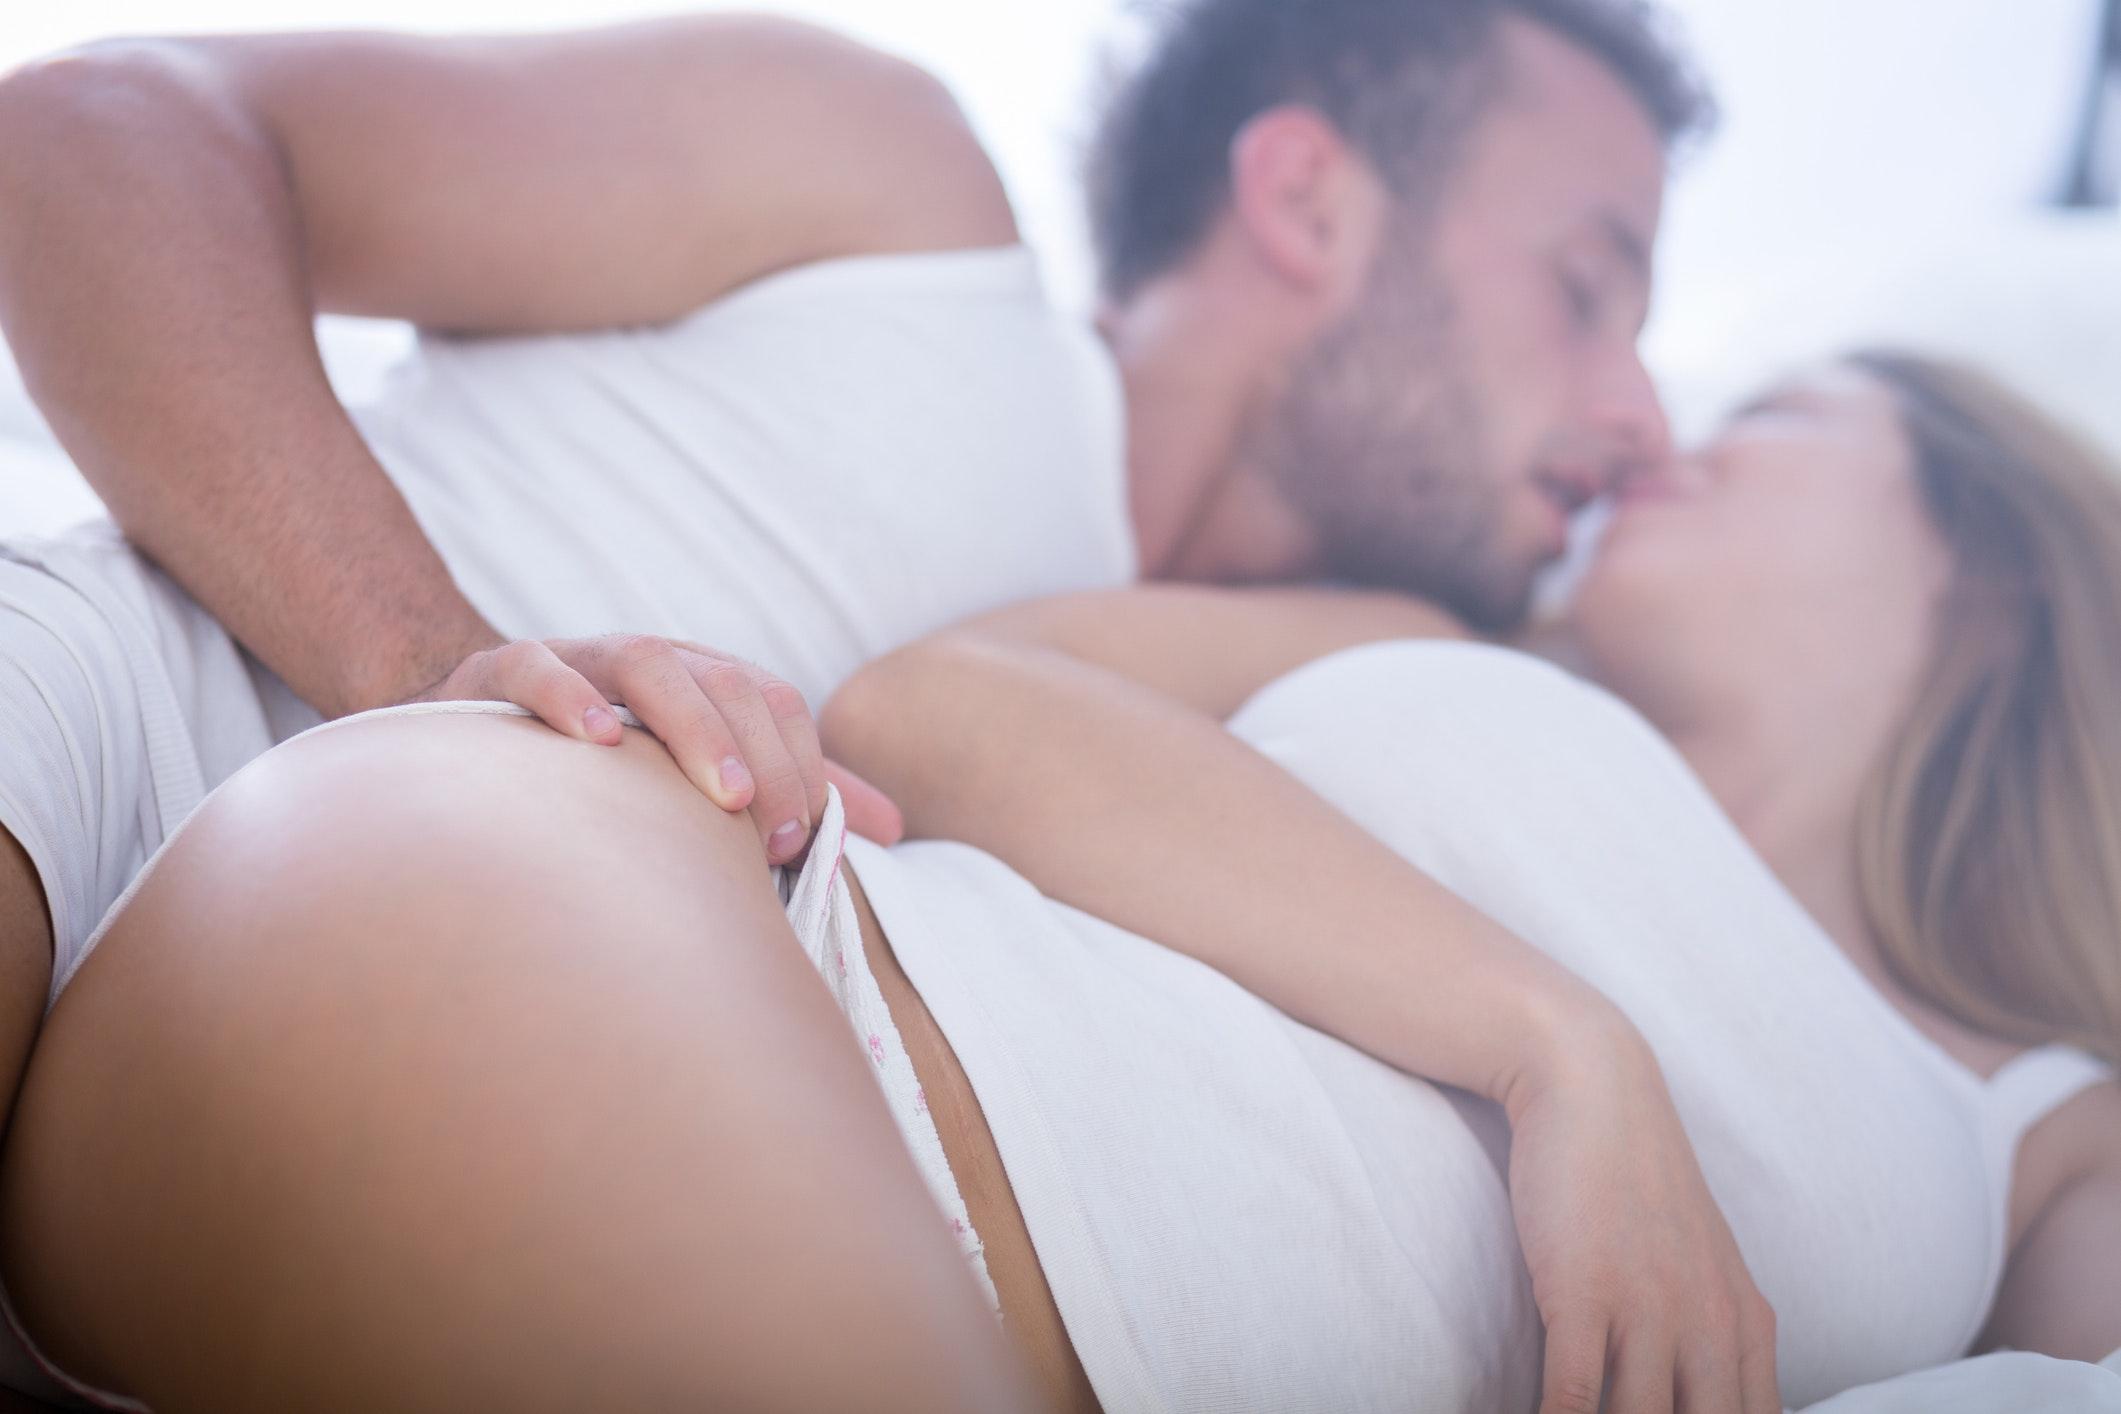 homoseksuel erotisk fantasi frække noveller og billeder